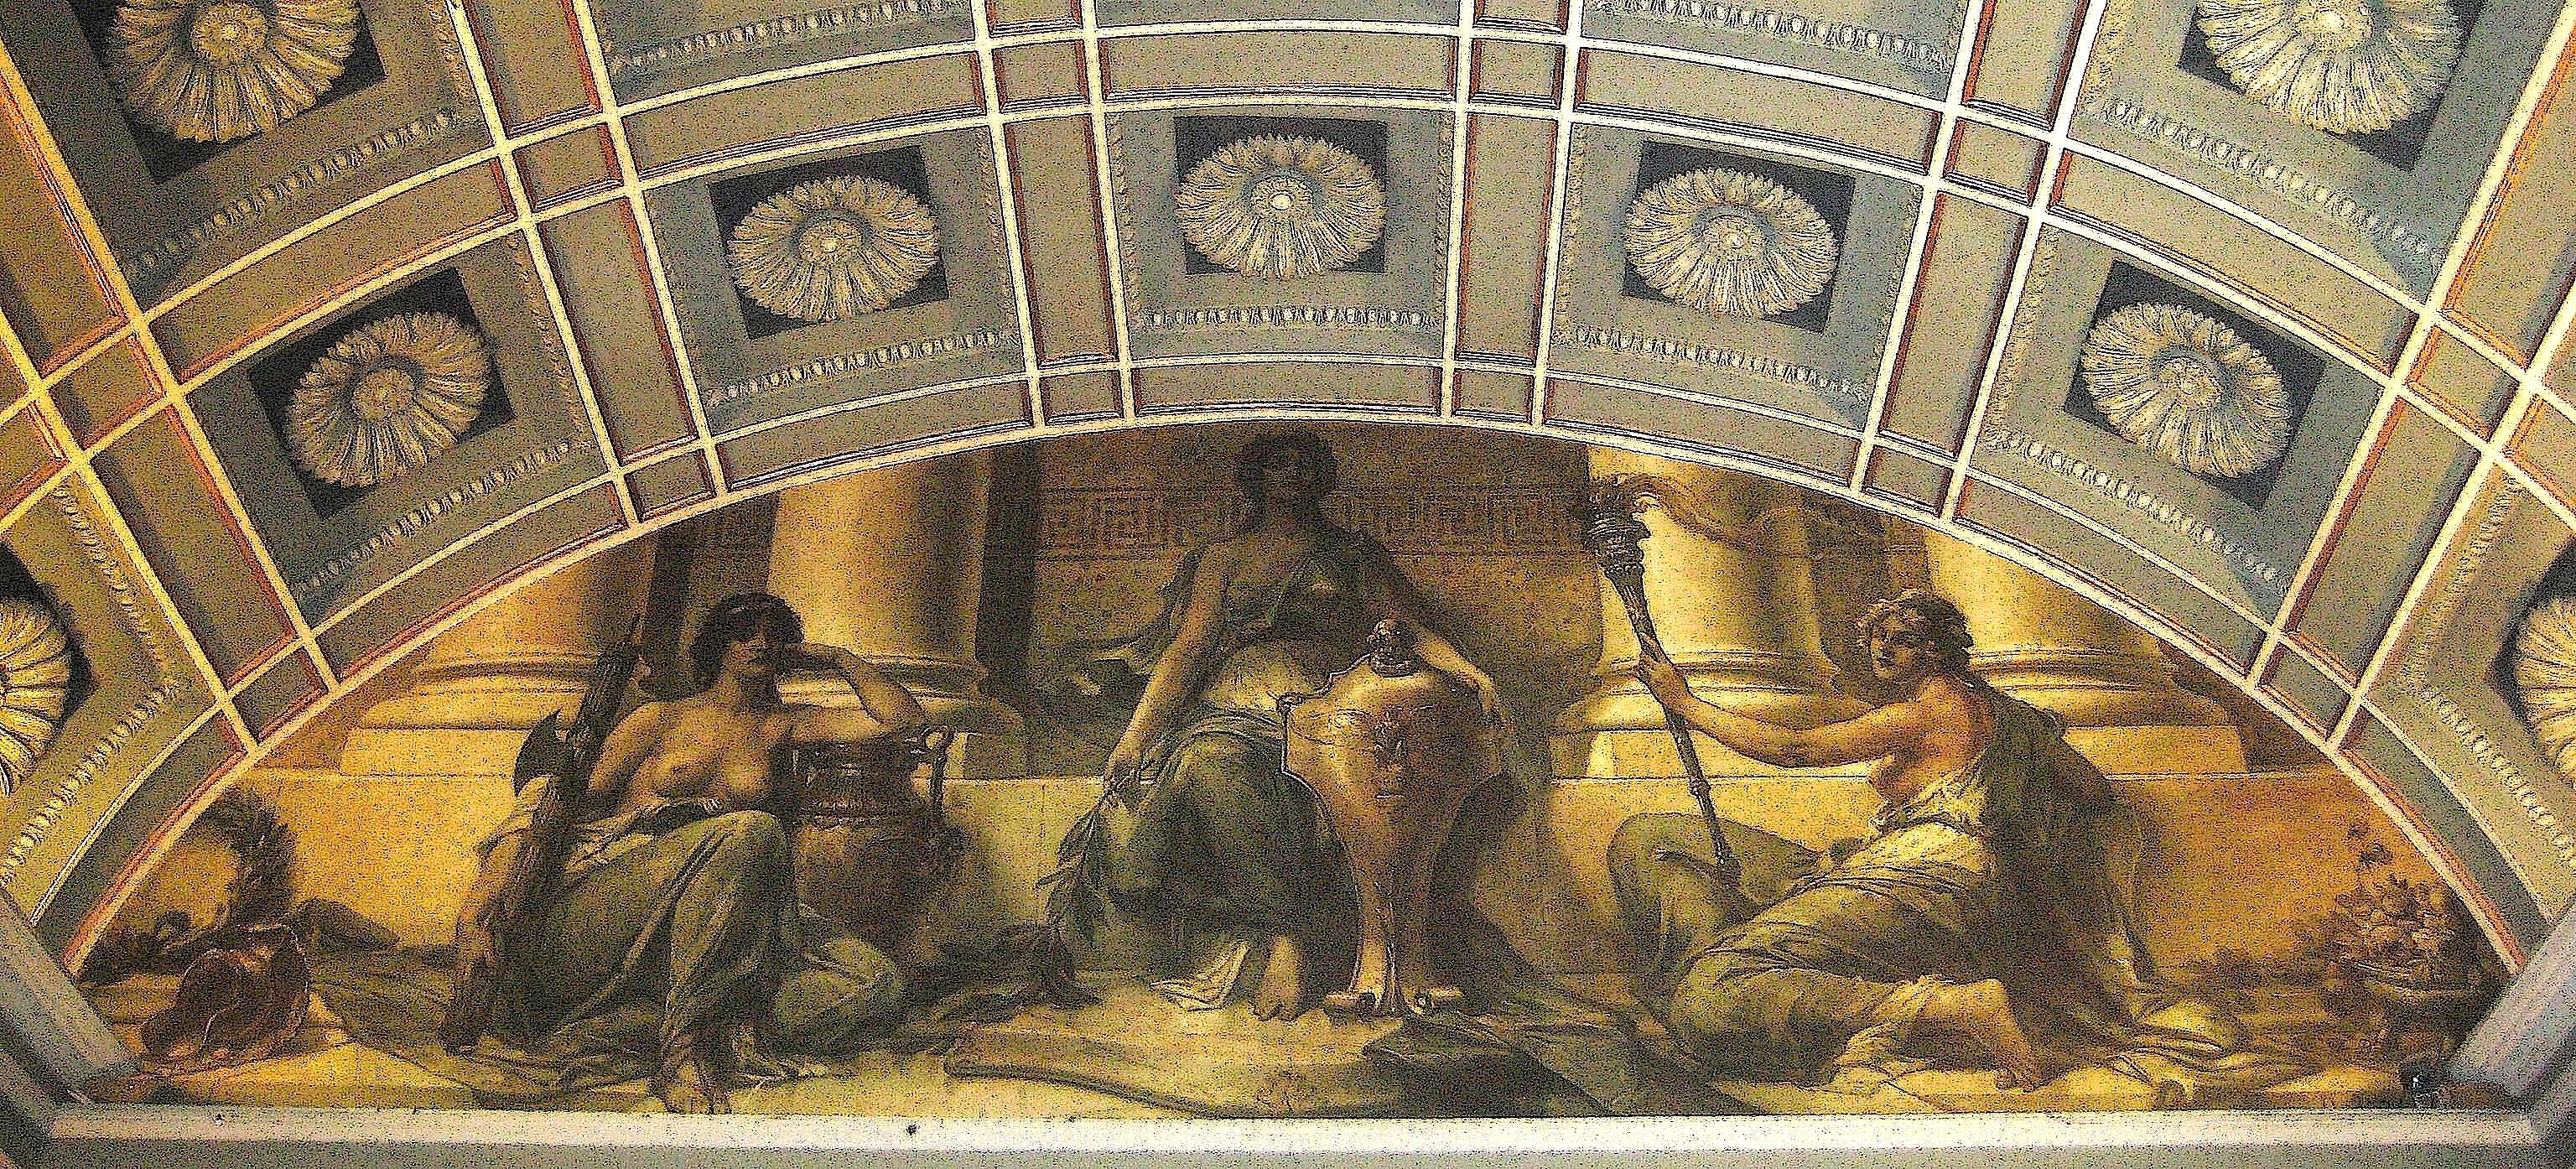 Rockefeller Center Murals  Ephemeral New York